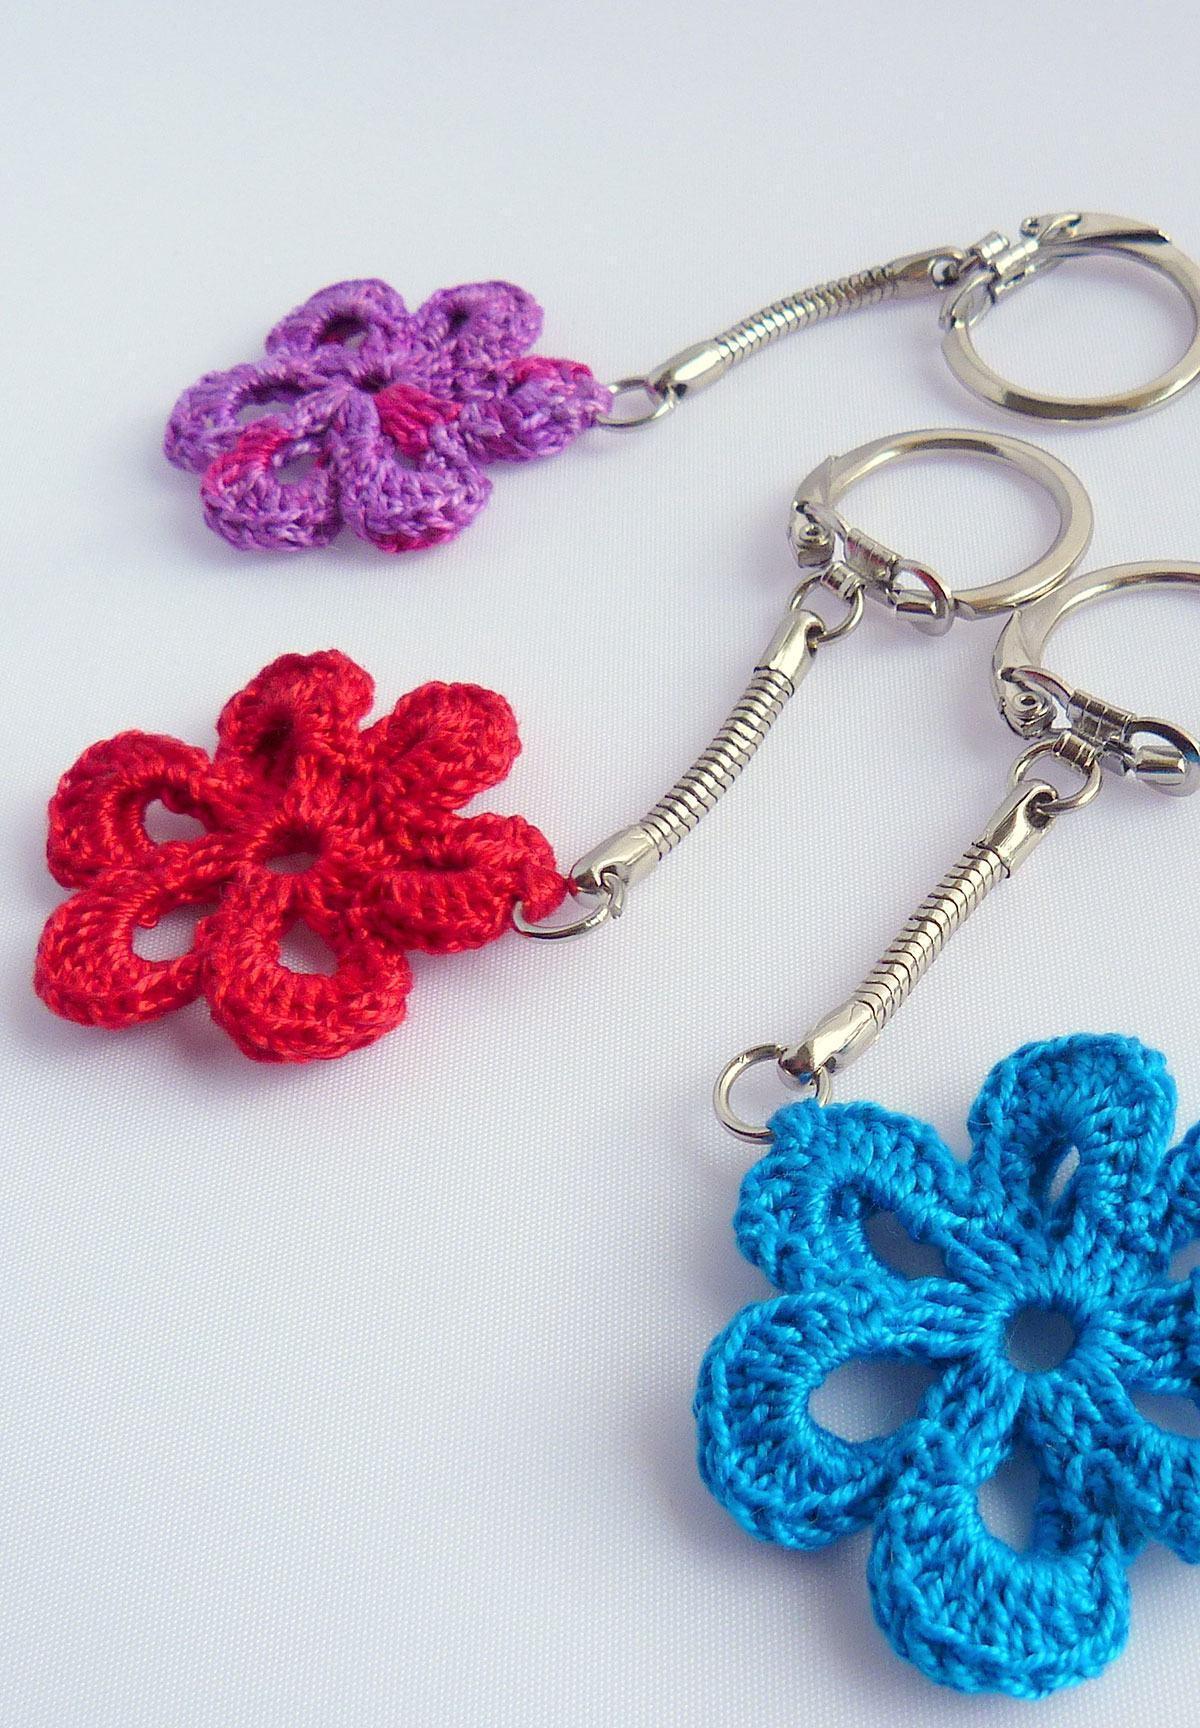 Chaveiro com flores de crochê